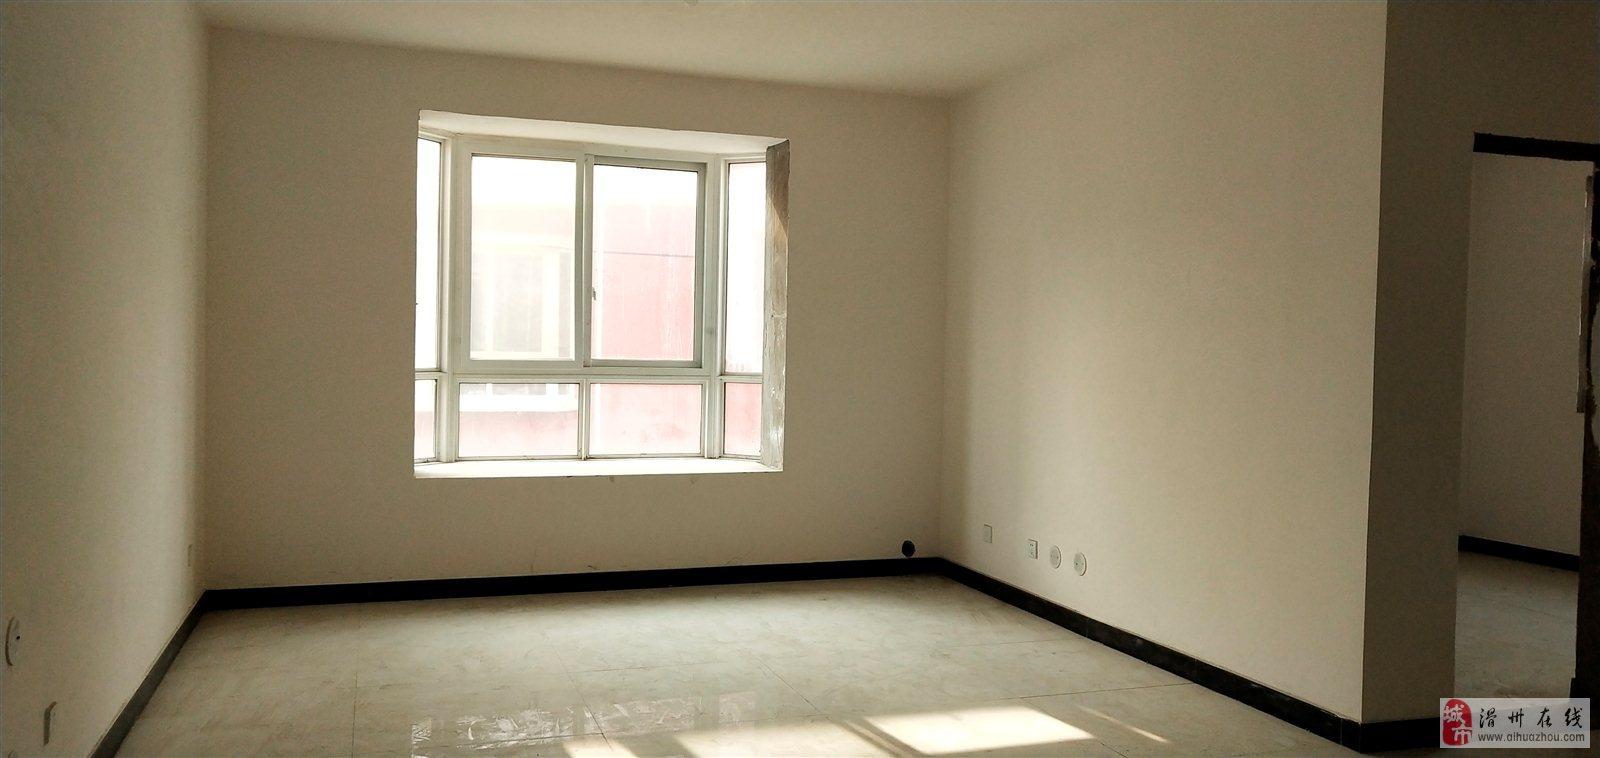 滑县金城国际一手房3室 2厅 2卫53万元